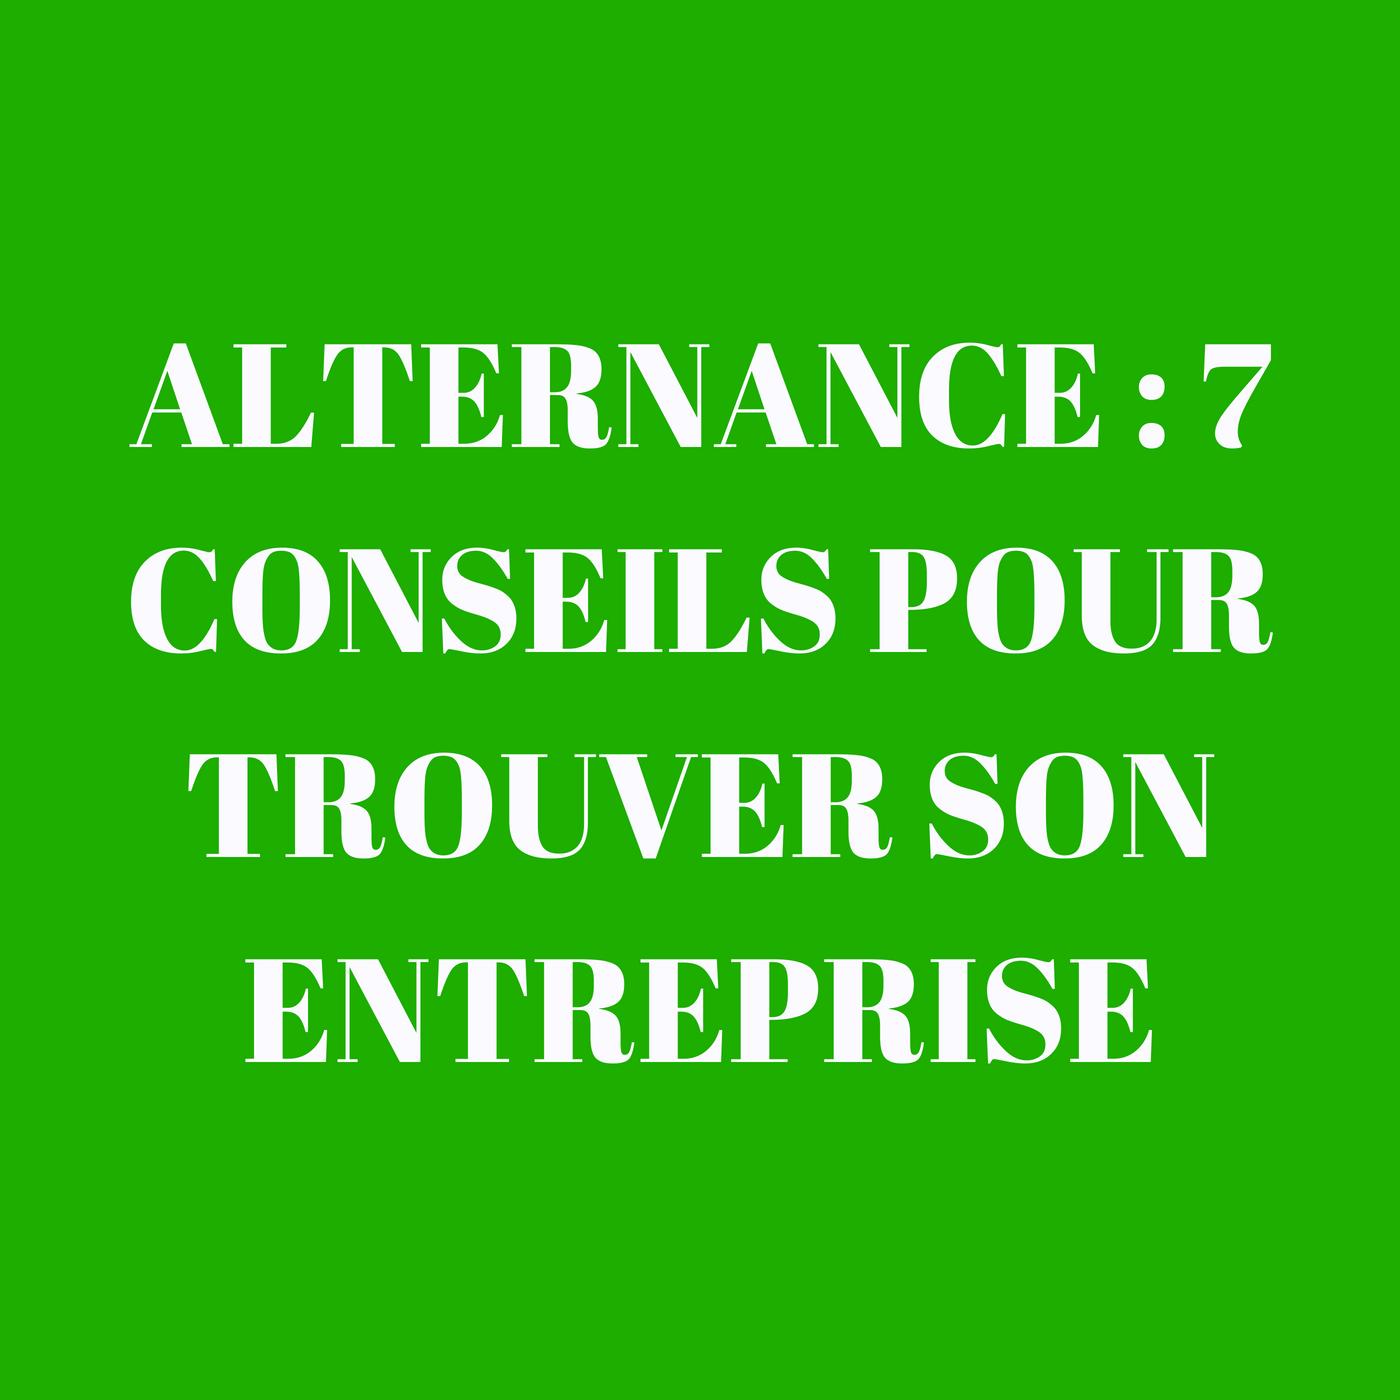 Alternance : 7 conseils pour trouver son entreprise